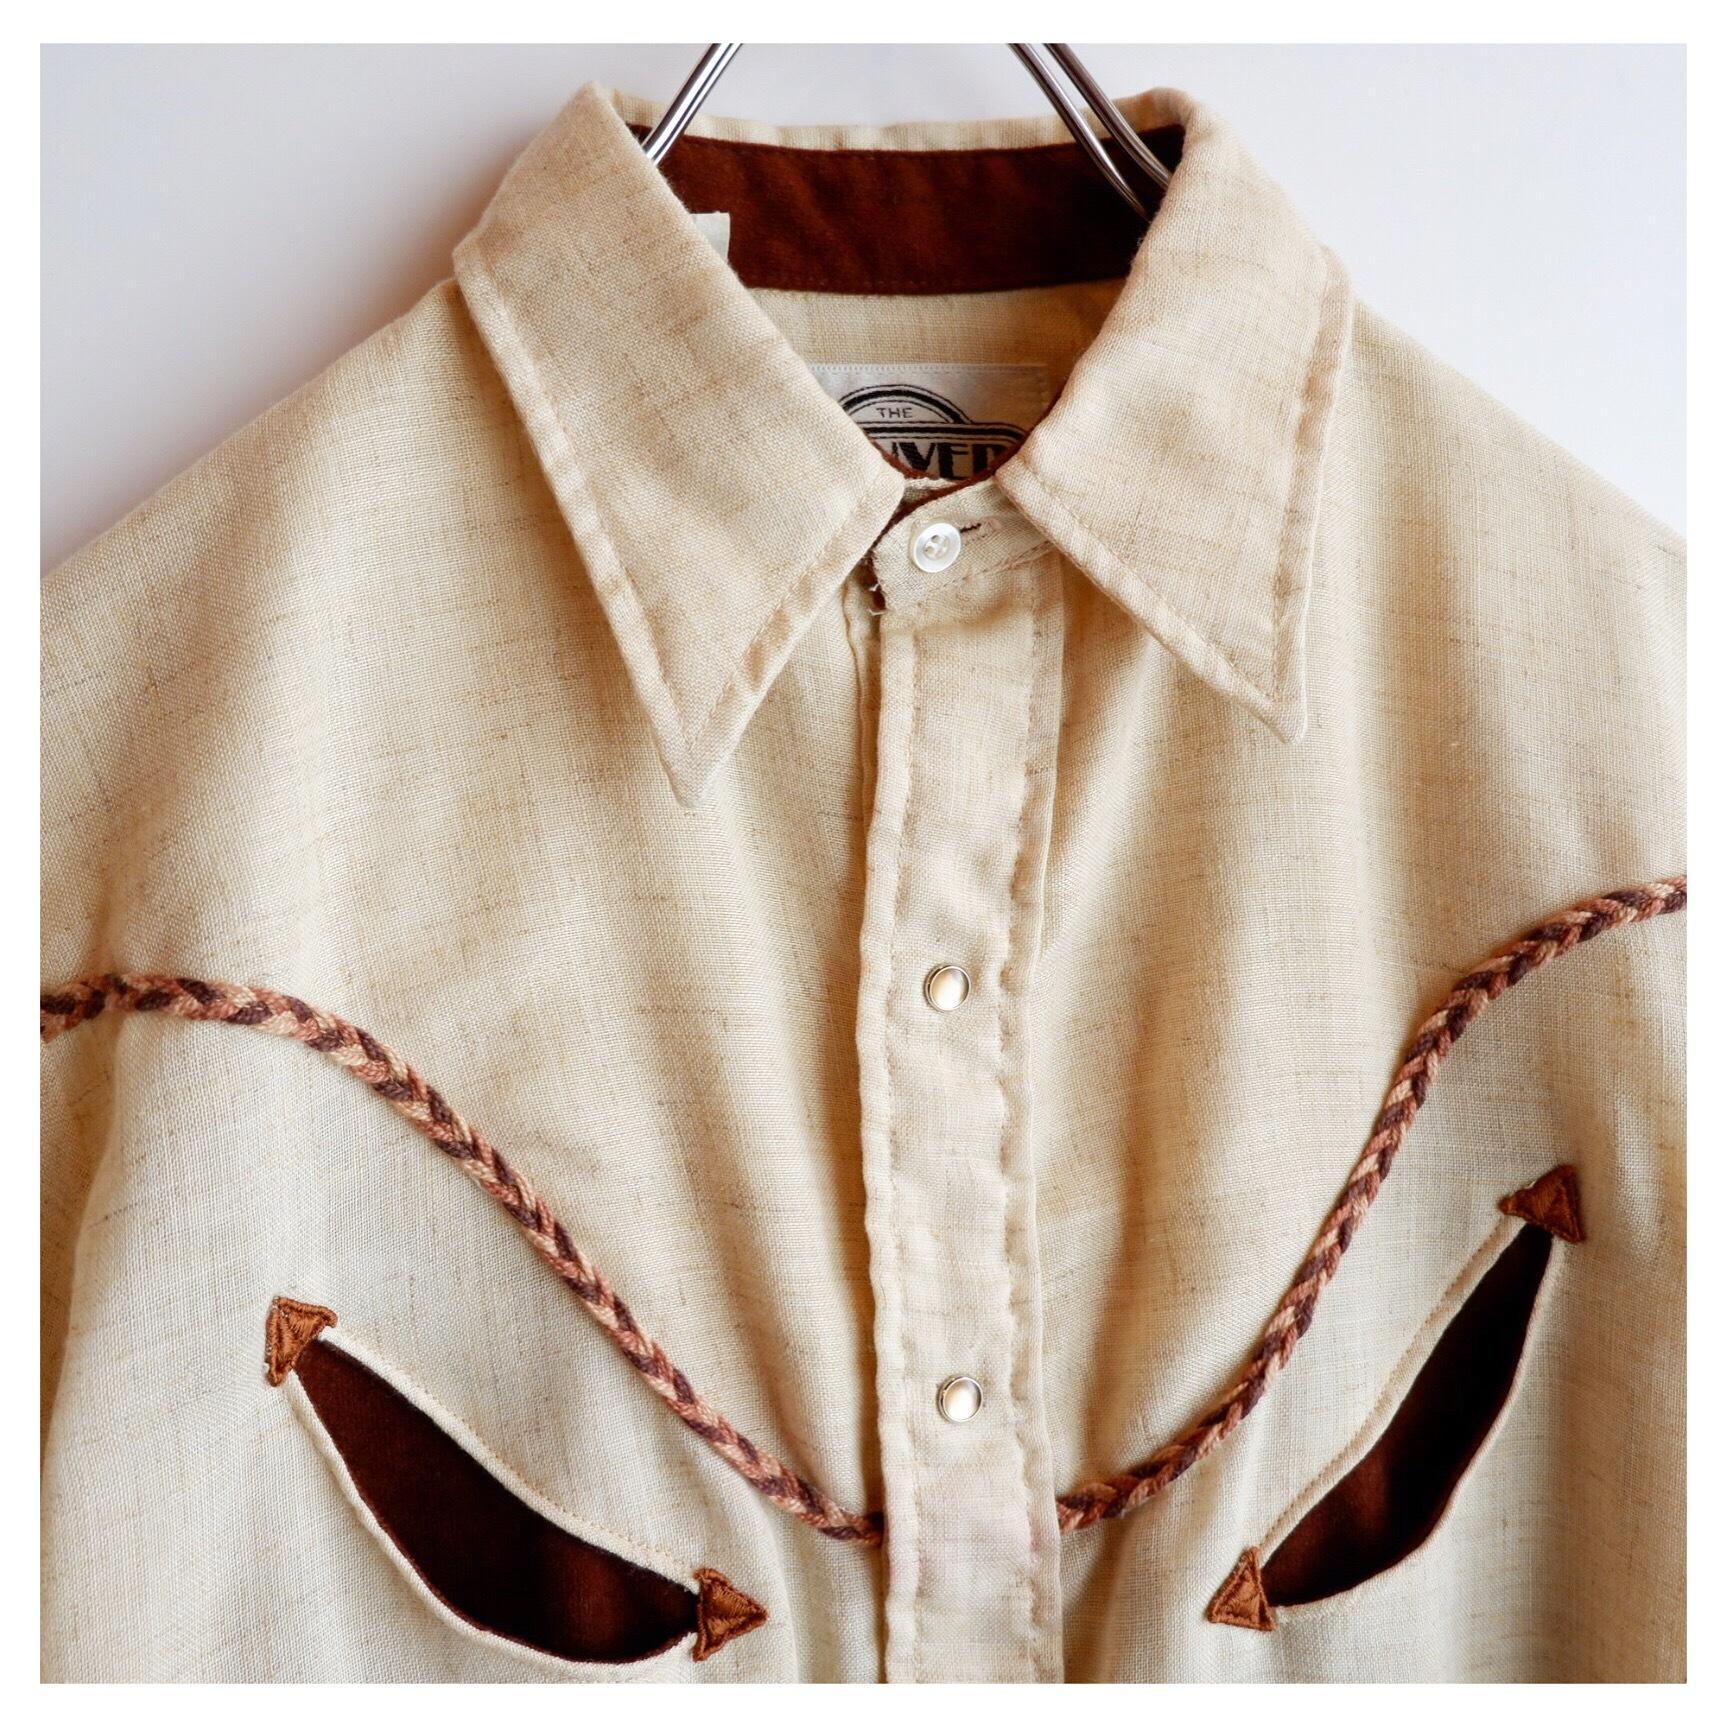 アメリカ古着 USA製 レーヨン ウエスタンシャツ